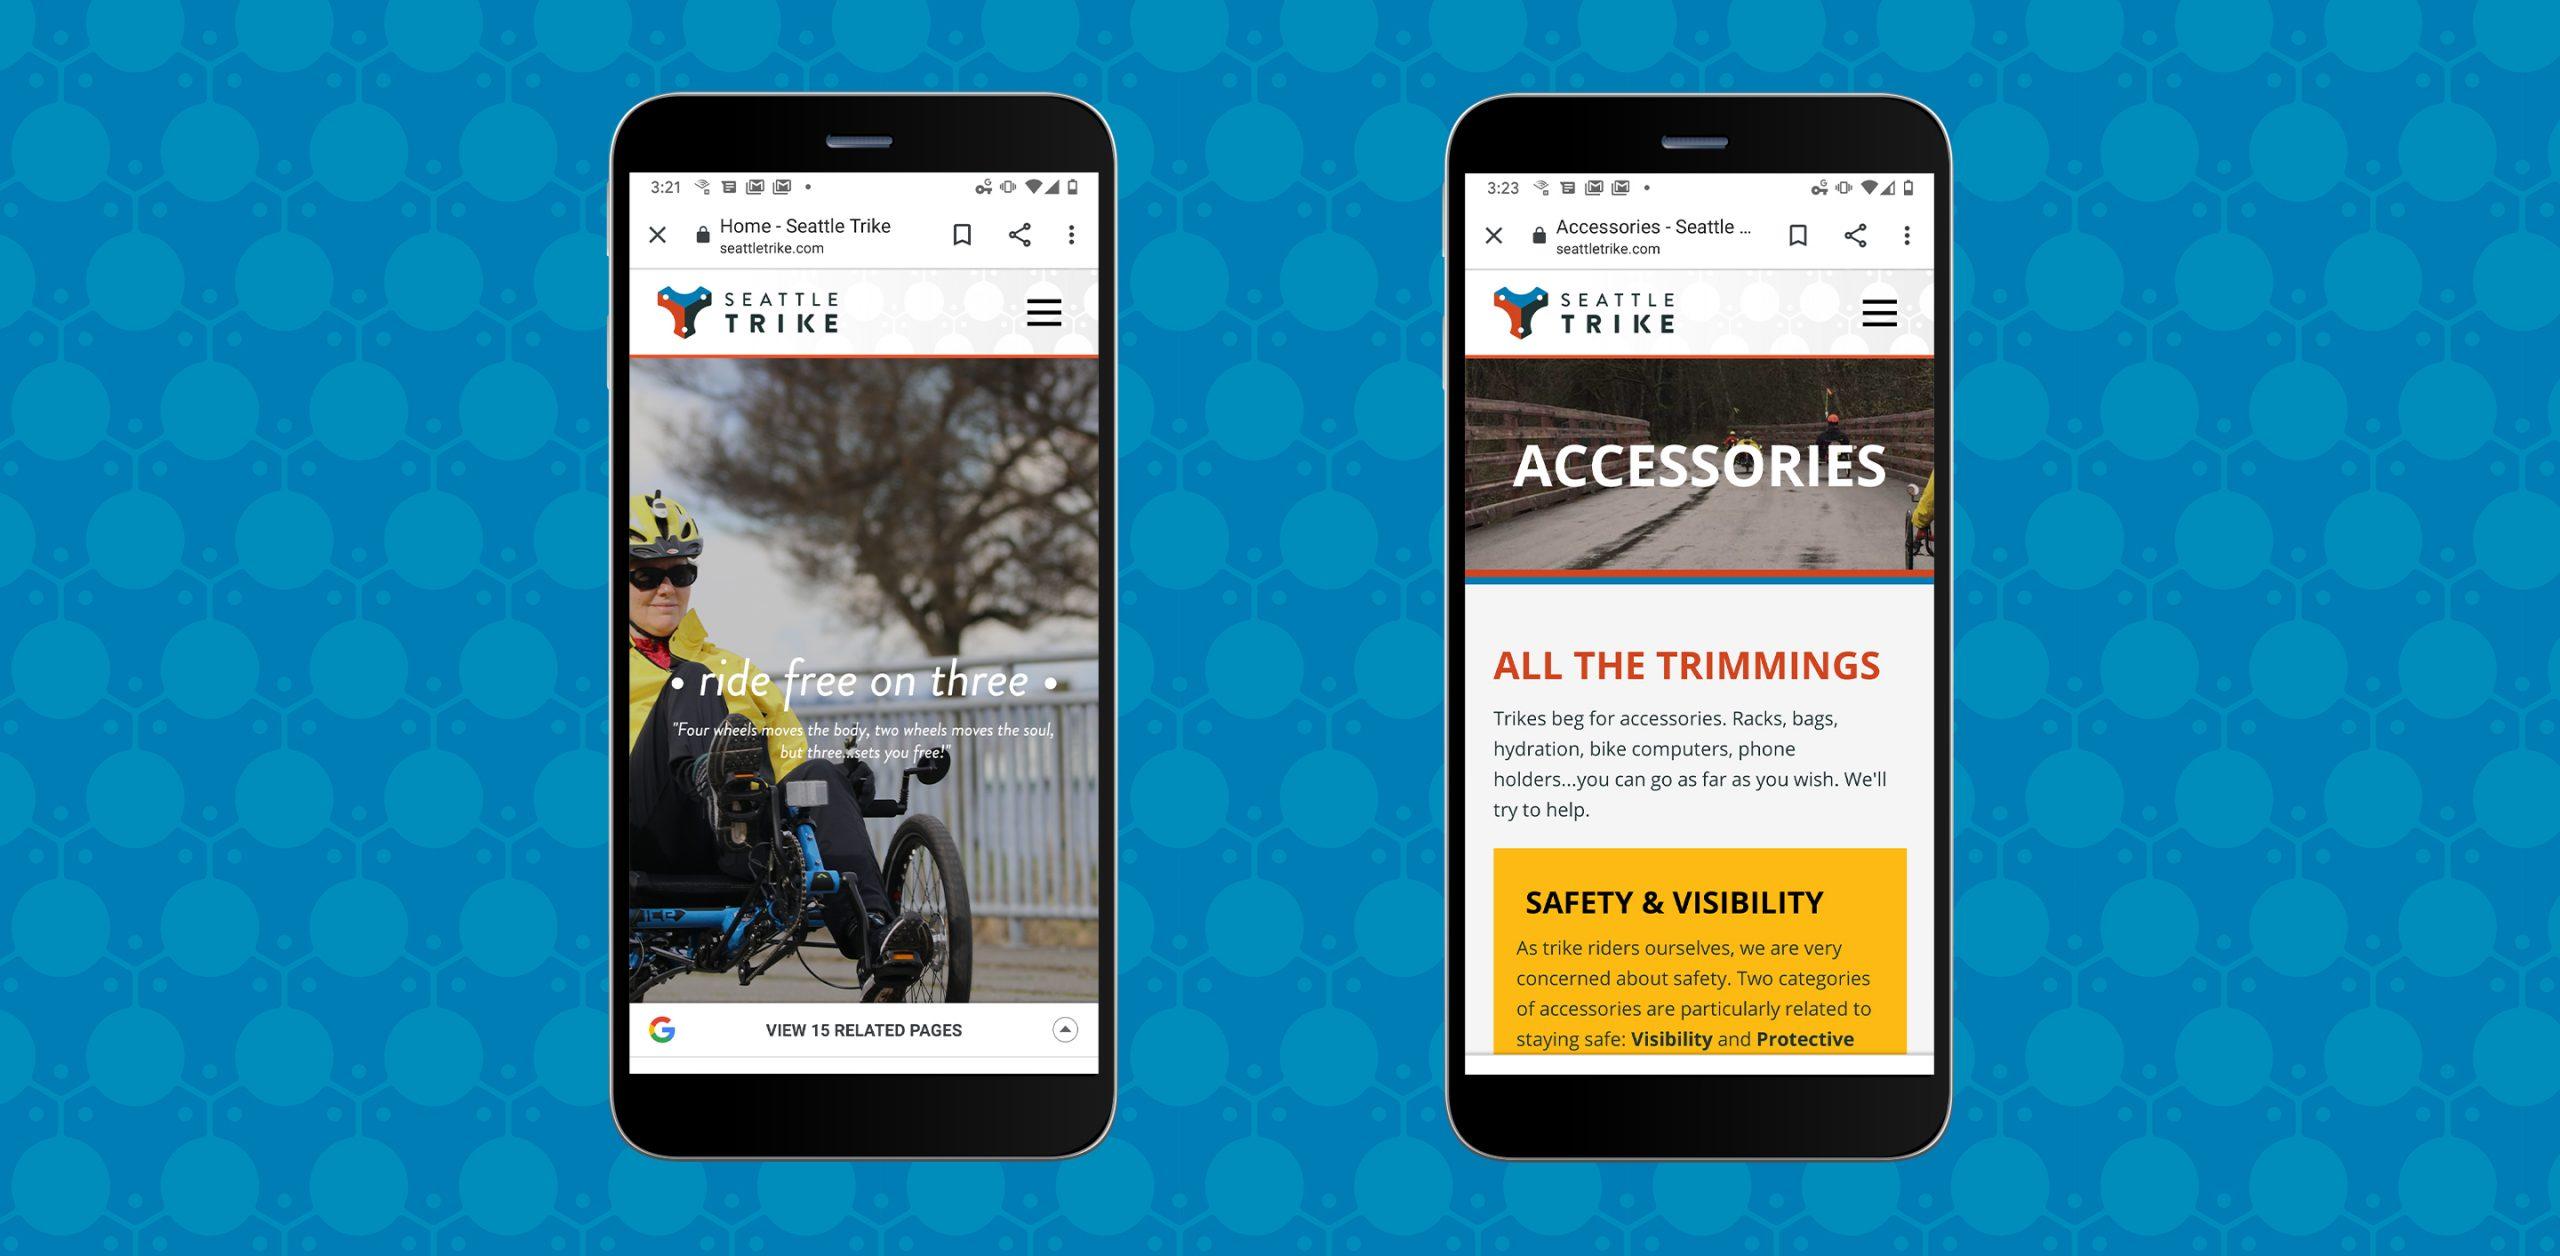 Seattle Trike Mobile web